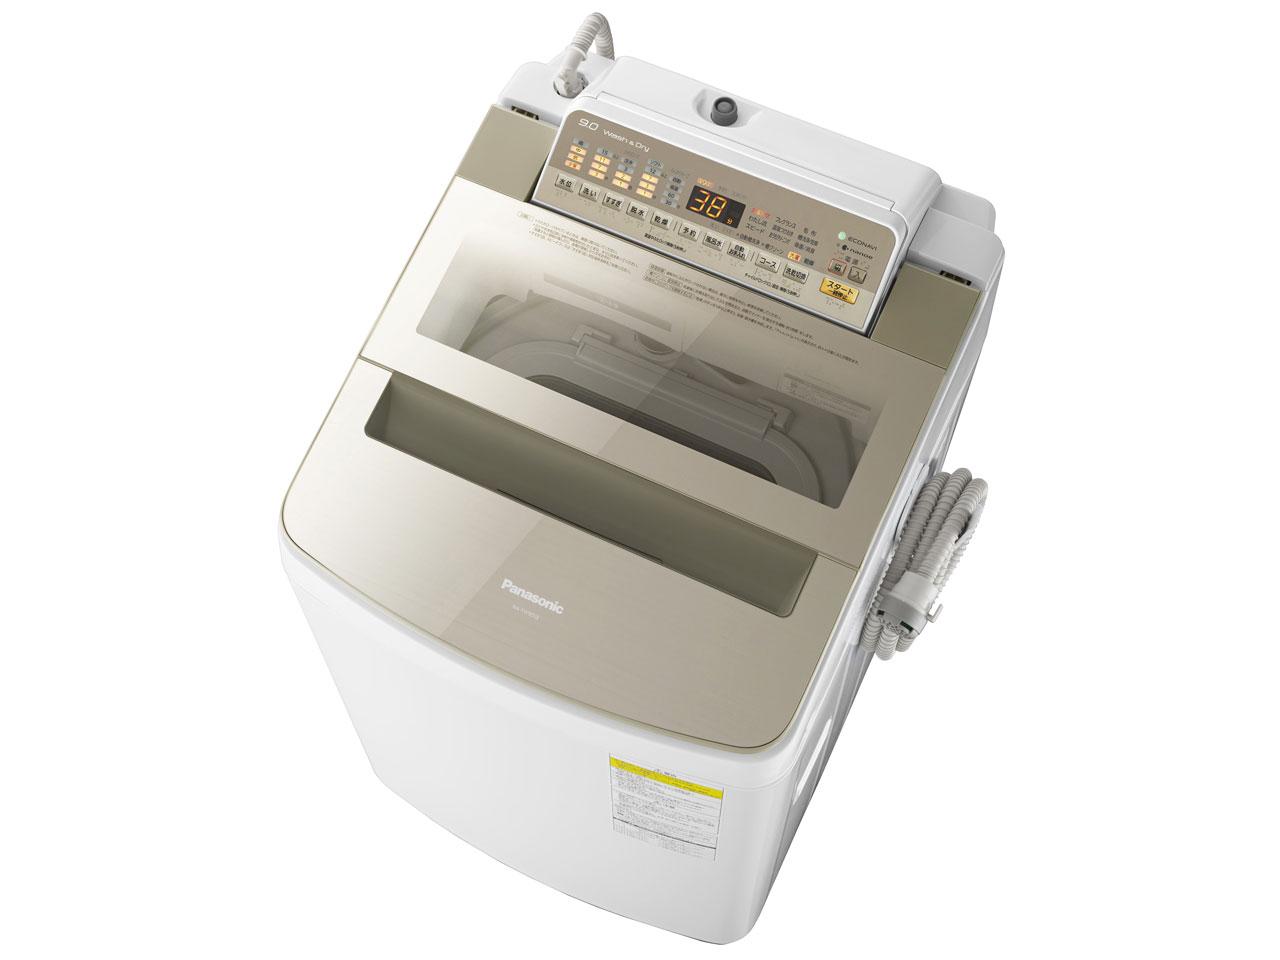 パナソニック 洗濯乾燥機 NA-FW90S5-N